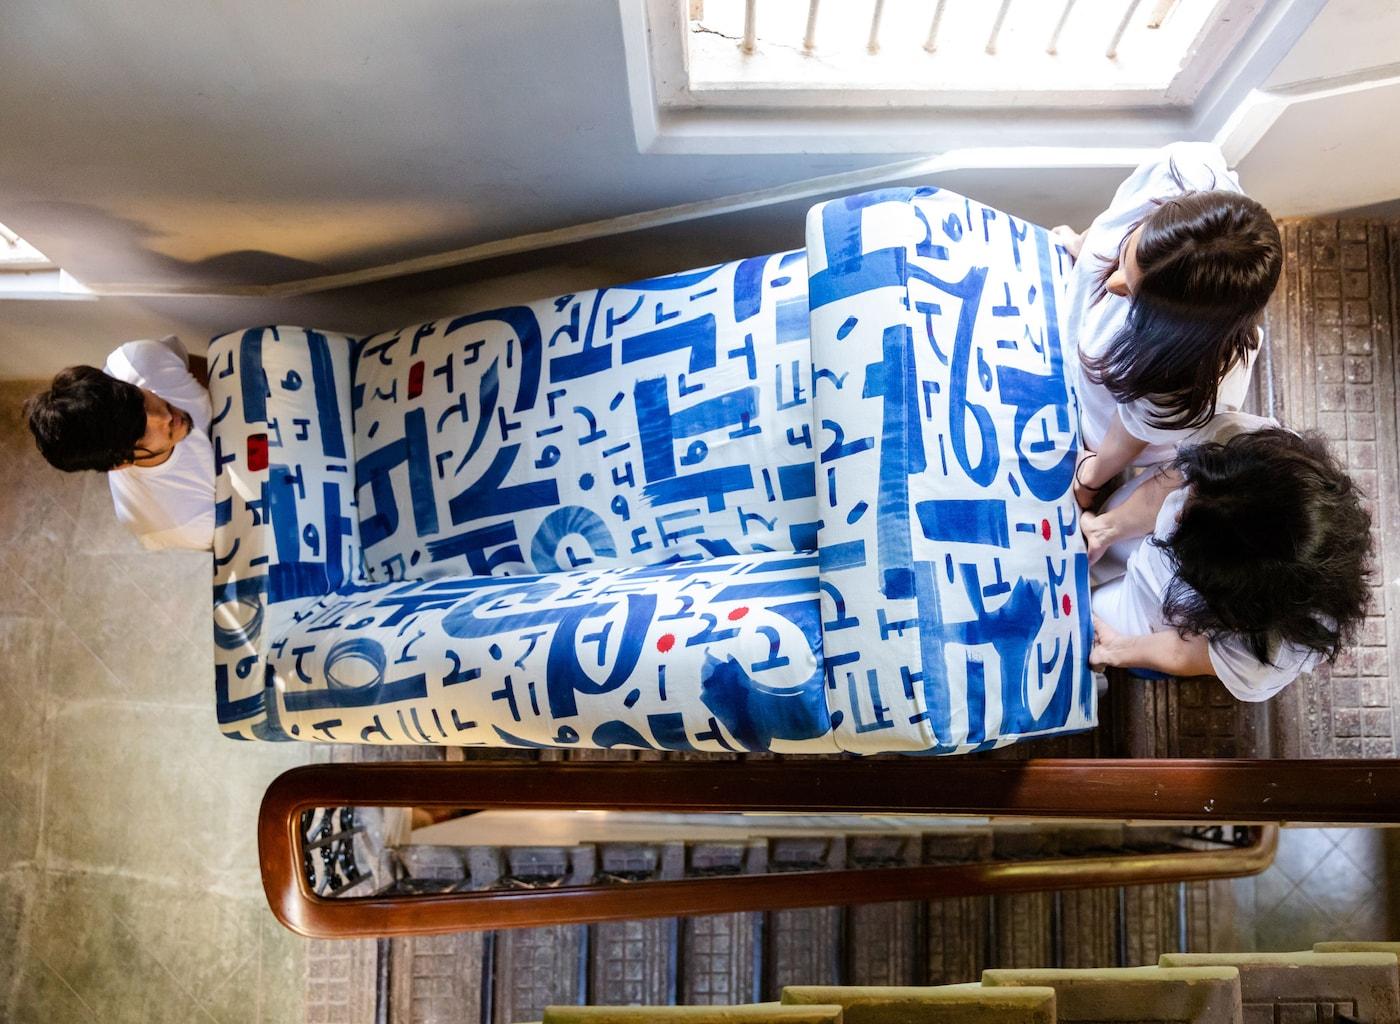 Troje ljudi tamne kose niz stepenice nosi plavo-bijelu KLIPPAN sofu.